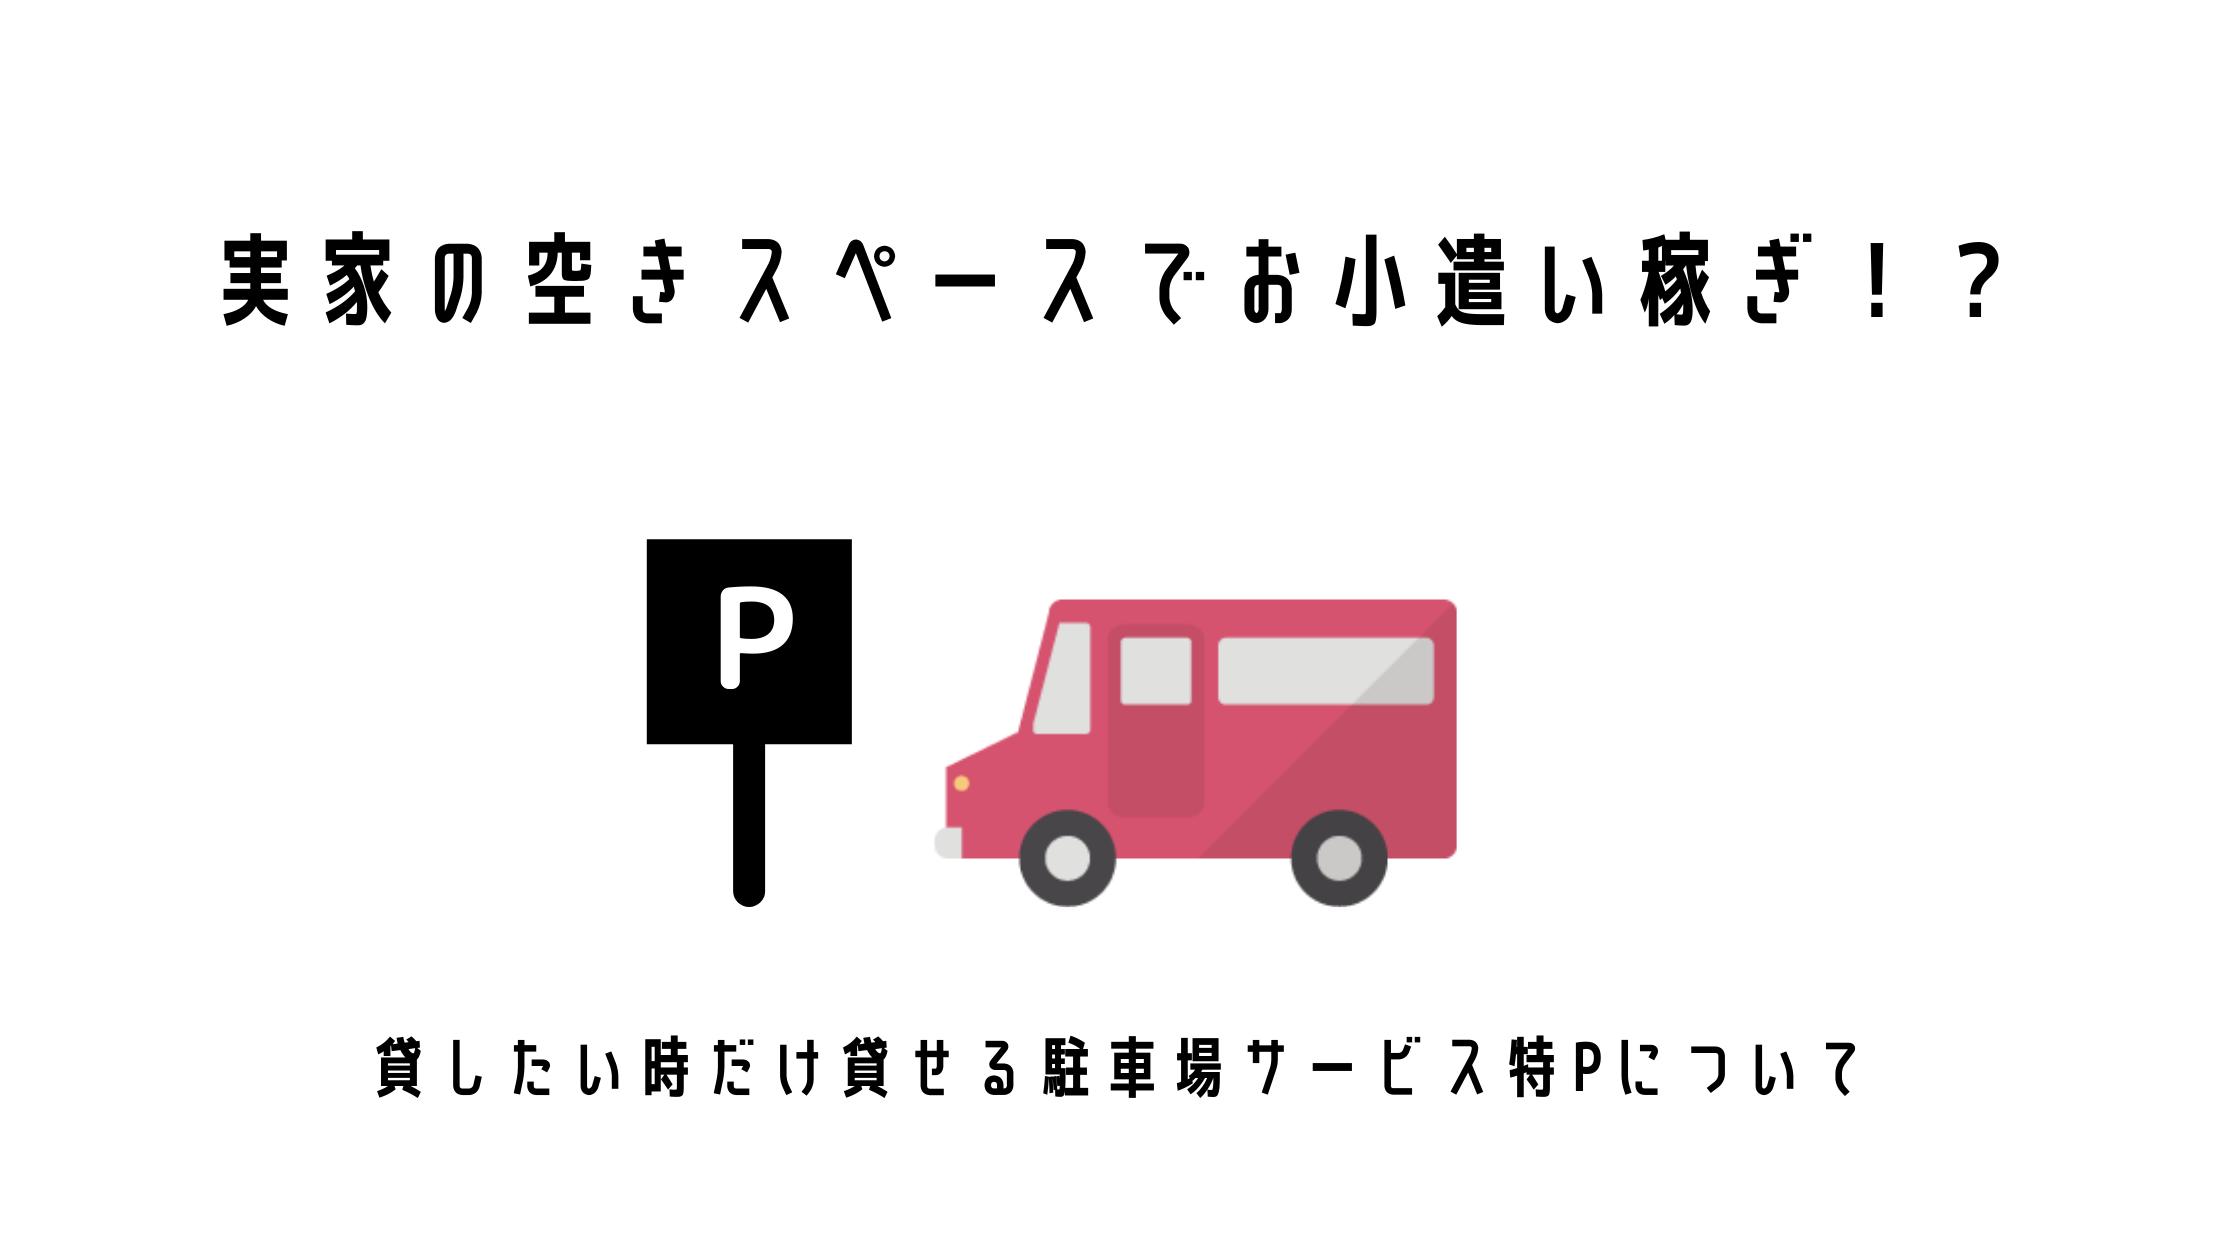 実家の空きスペースでお小遣い稼ぎ!?貸したい時だけ貸せる駐車場サービス特Pについて